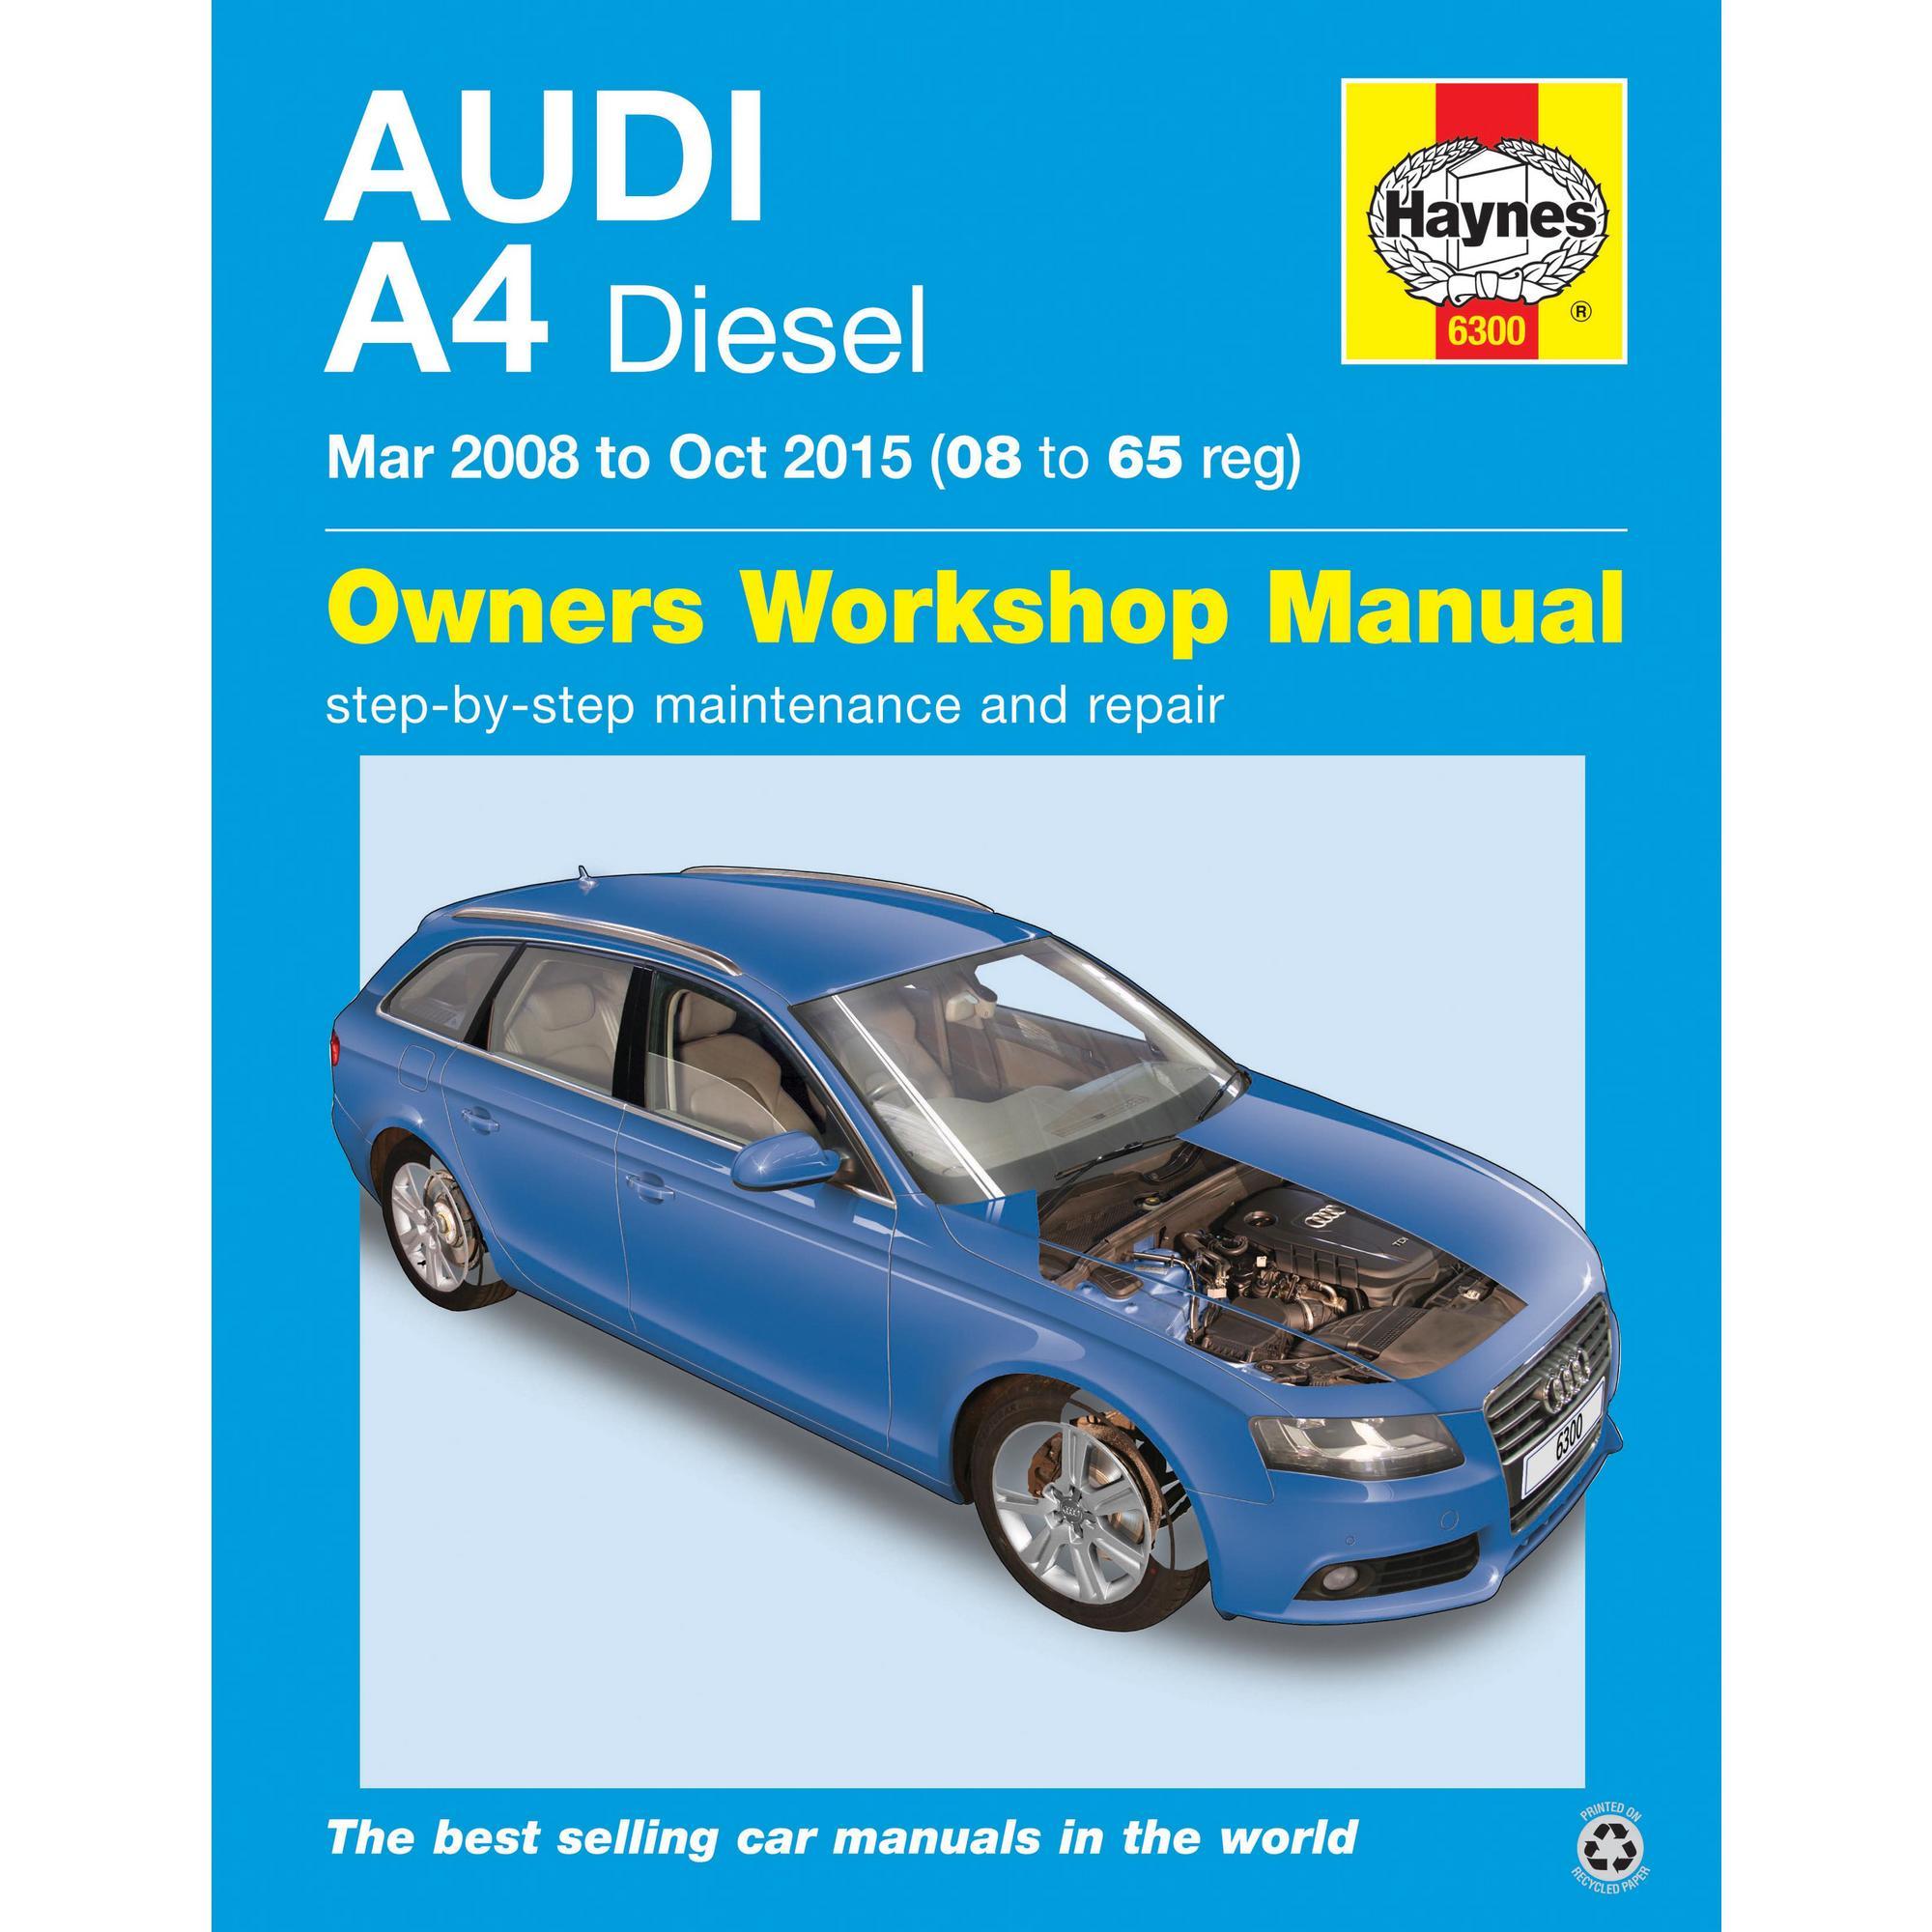 haynes owners workshop repair manual audi a4 2008 2015 turbo rh ebay co uk audi a4 owners manual 2015 audi a4 owners manual